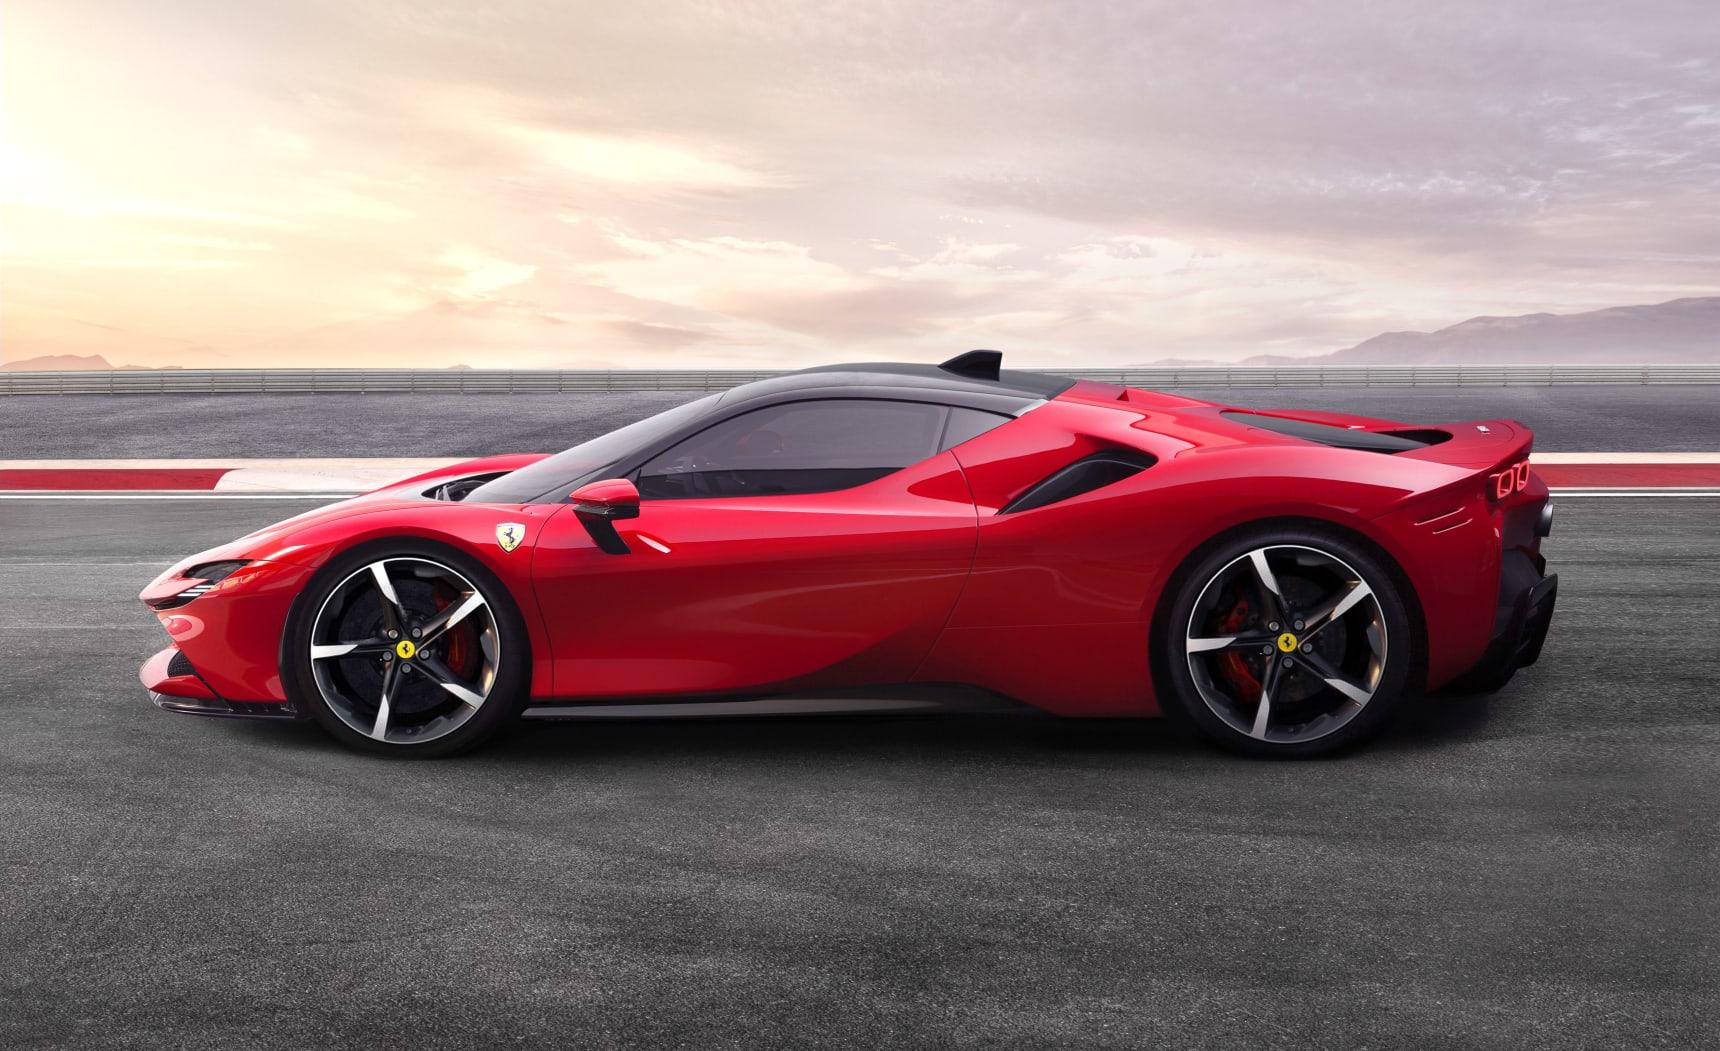 Der Ferrari SF90 Stradale: Ein Serien-Supersportwagen mit 1000 PS 1